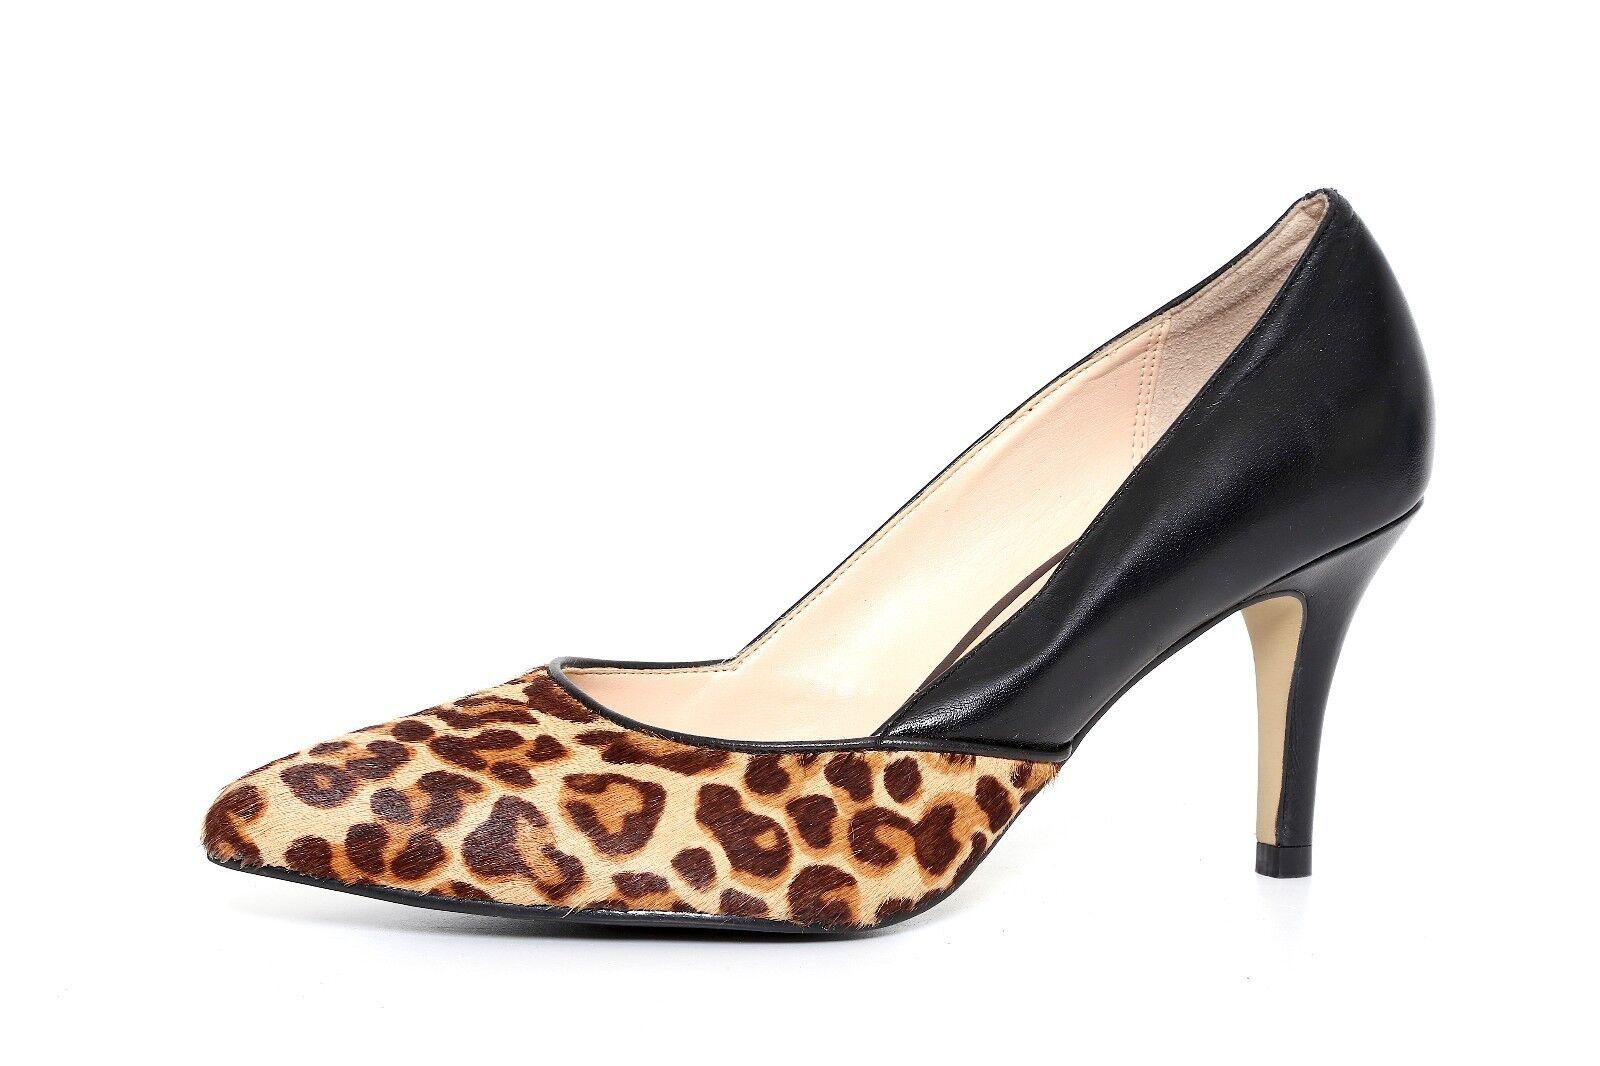 Cole Haan mujer mujer mujer en punta de impresión de guepardo bomba 2683 tamaño 7B  venta al por mayor barato